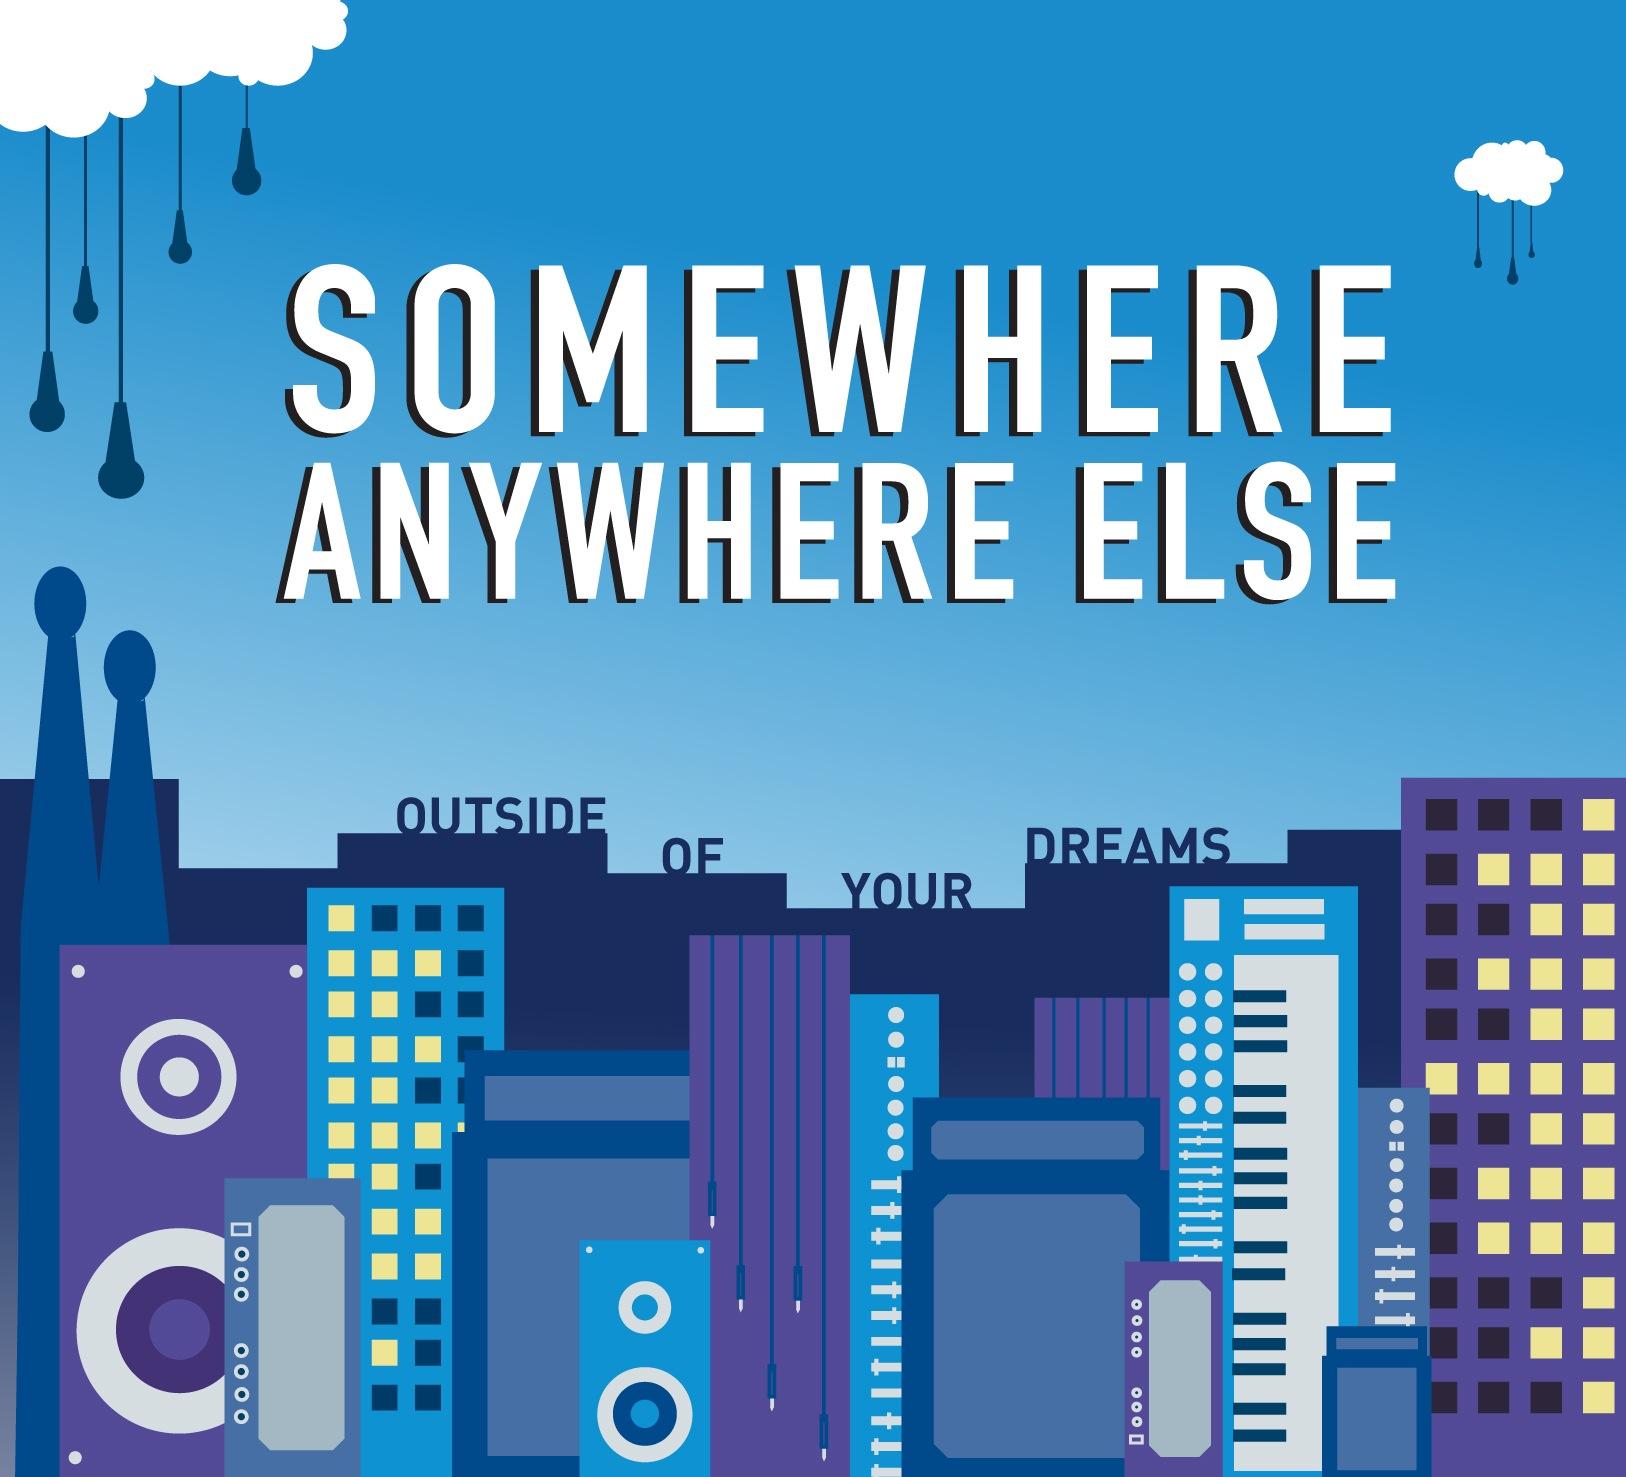 SomewhereAnywhereElse_Alubm_Cover.jpg